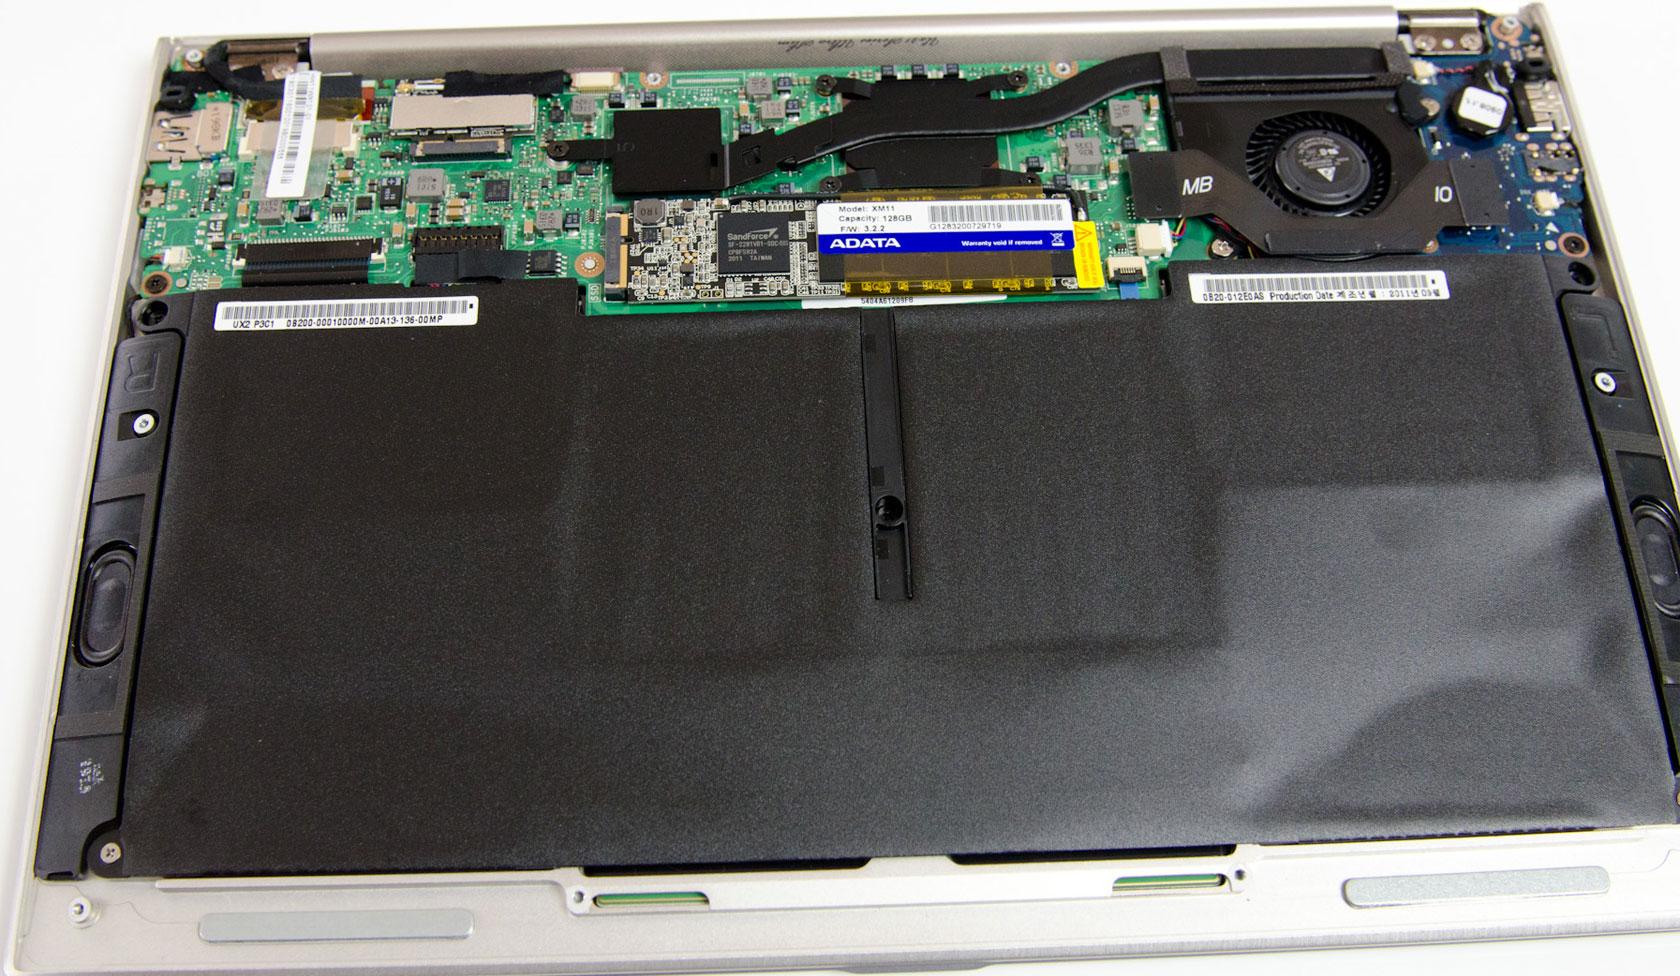 Asus UX21 - Notebookcheck.net External Reviews